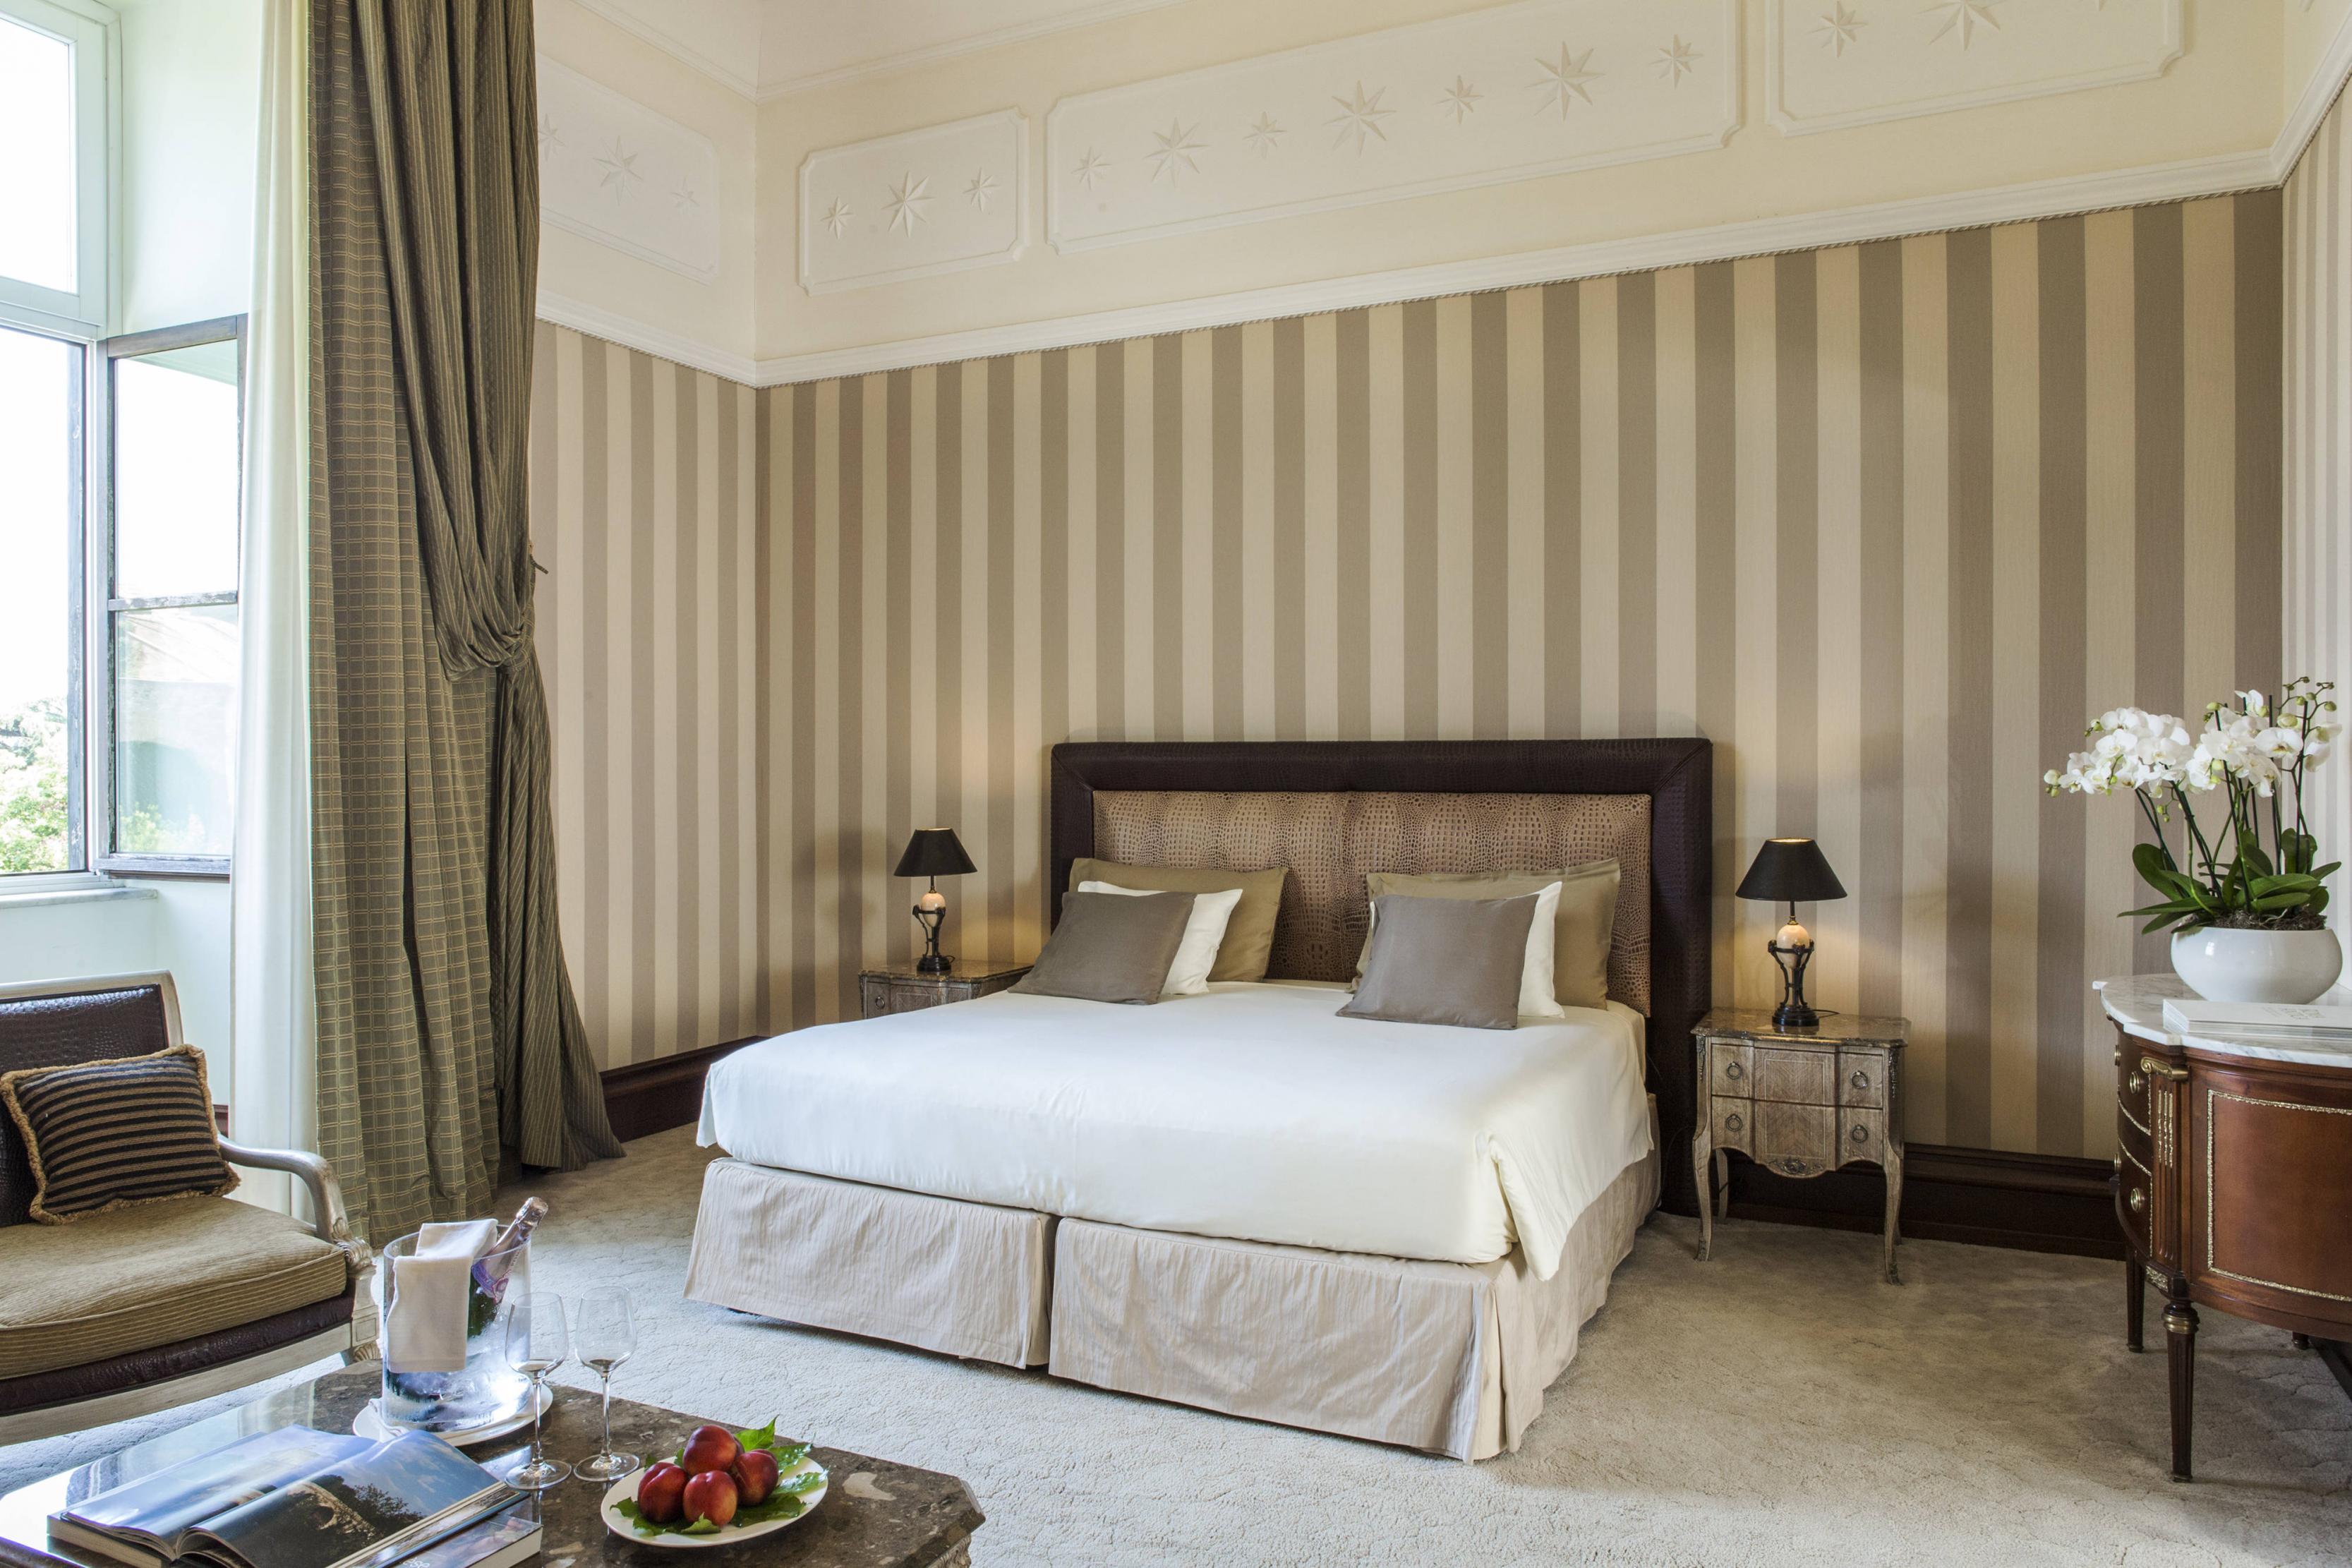 بالصور غرفة في روما , اجمل الغرف والتكنولوجيا فى روما 3472 9